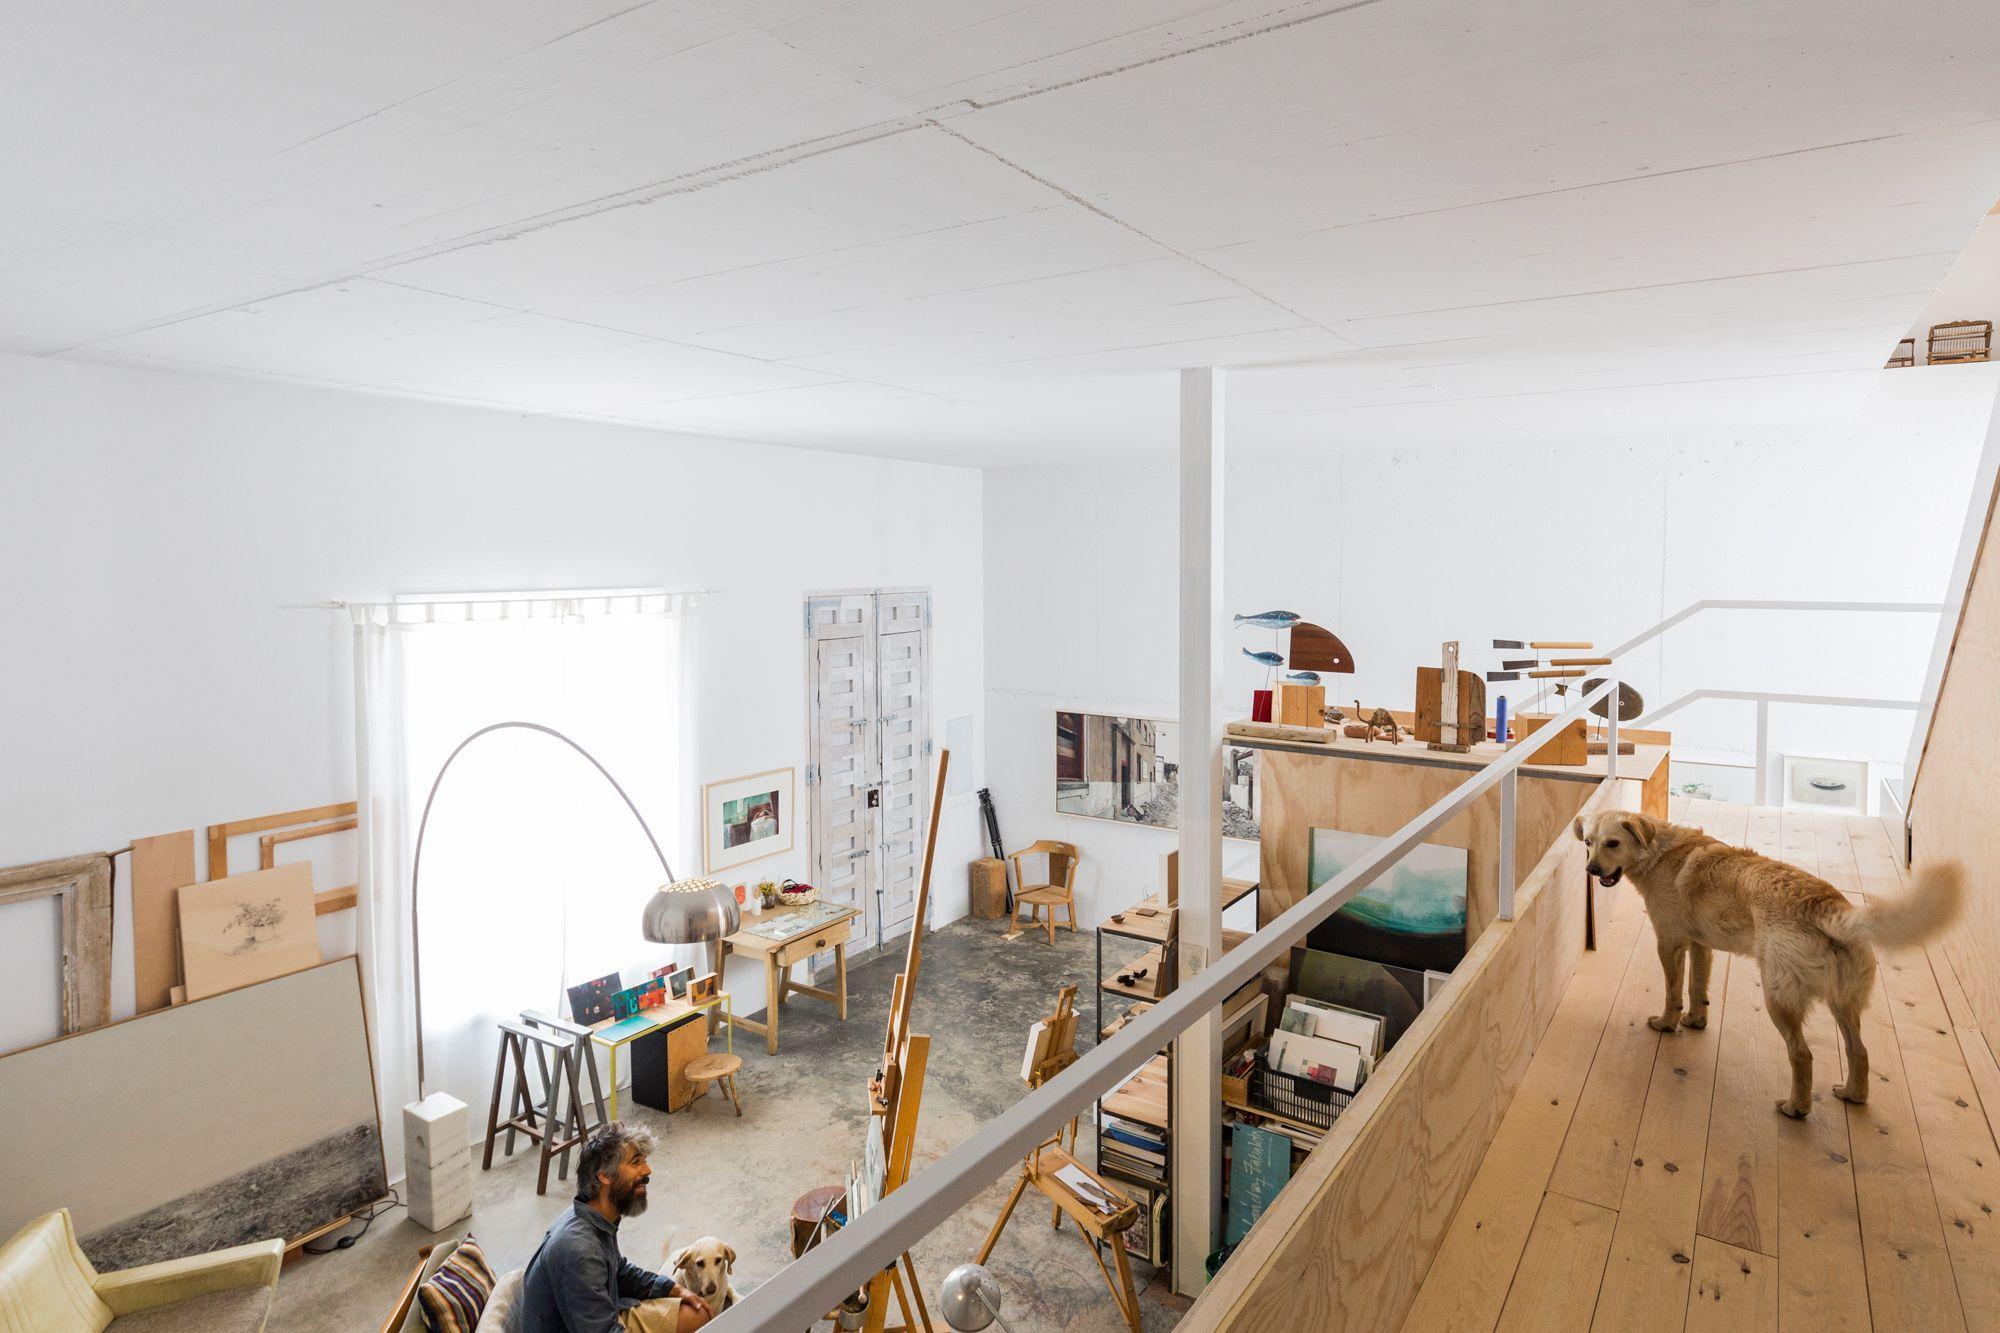 Weiße Wände Für Einen Maler: Wohnen Und Arbeiten In Gaucín